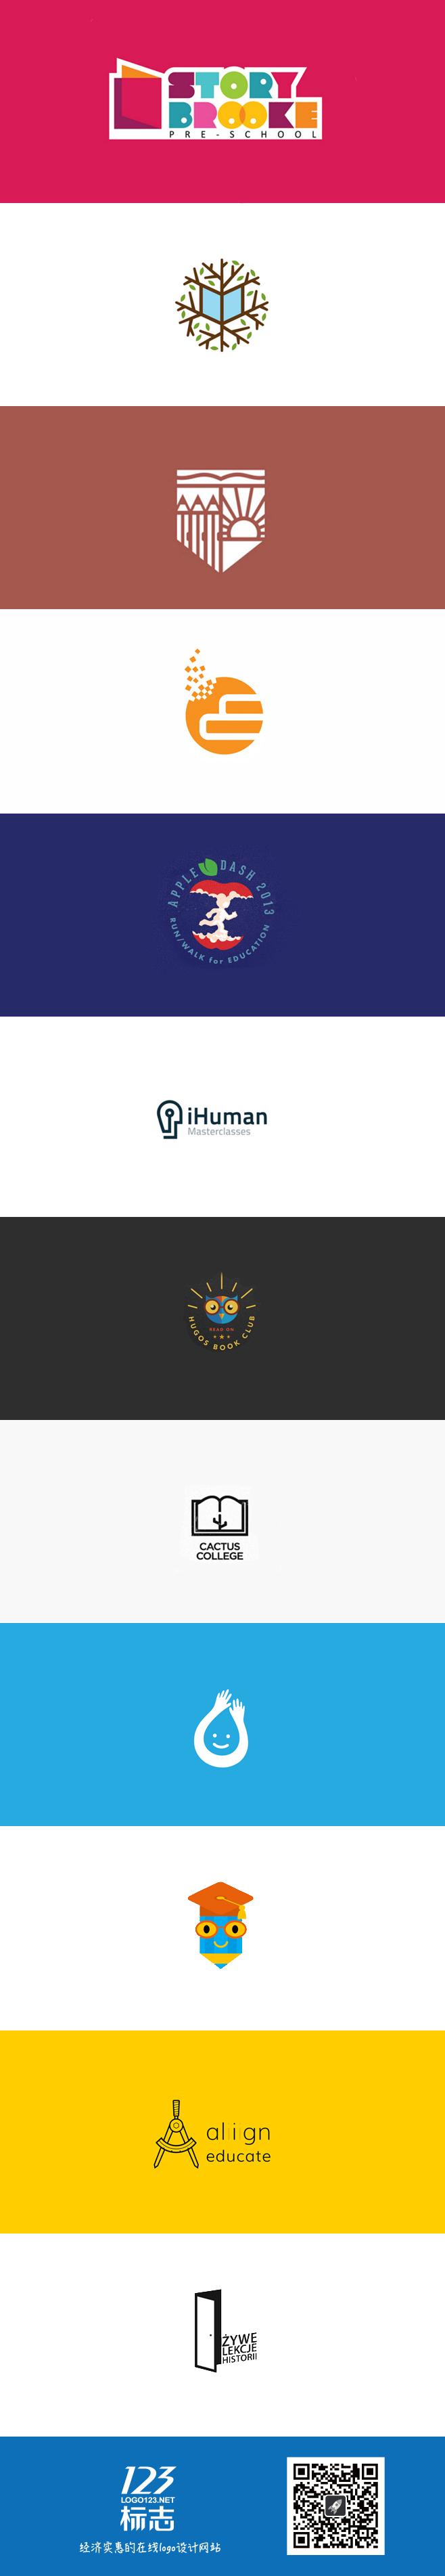 一组教育教学元素logo设计集锦